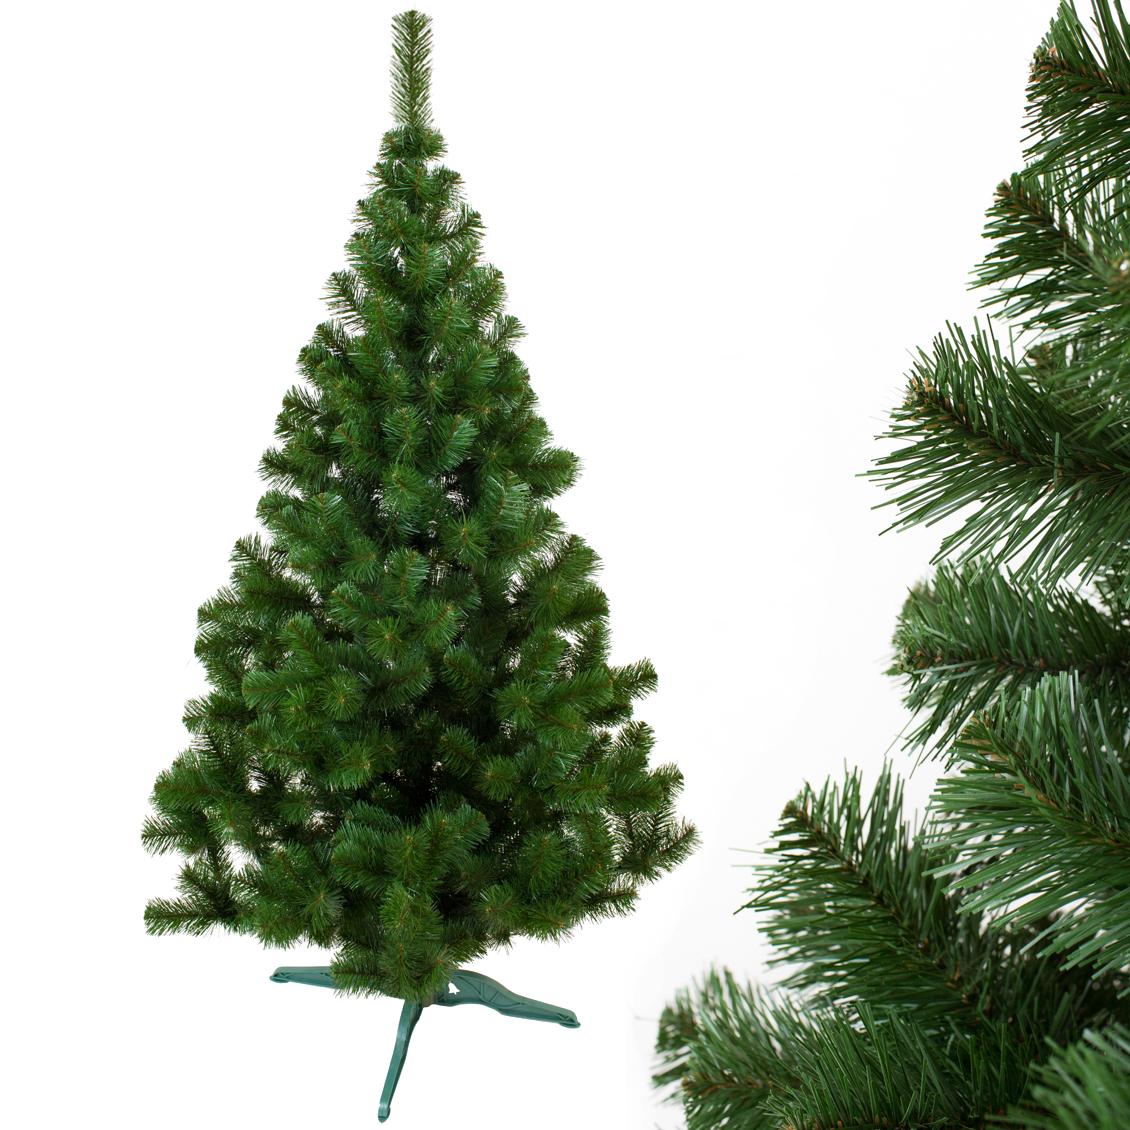 Искусственная Ель 1,8 метра Лесная, новогодняя елка пвх, диаметр 100 см